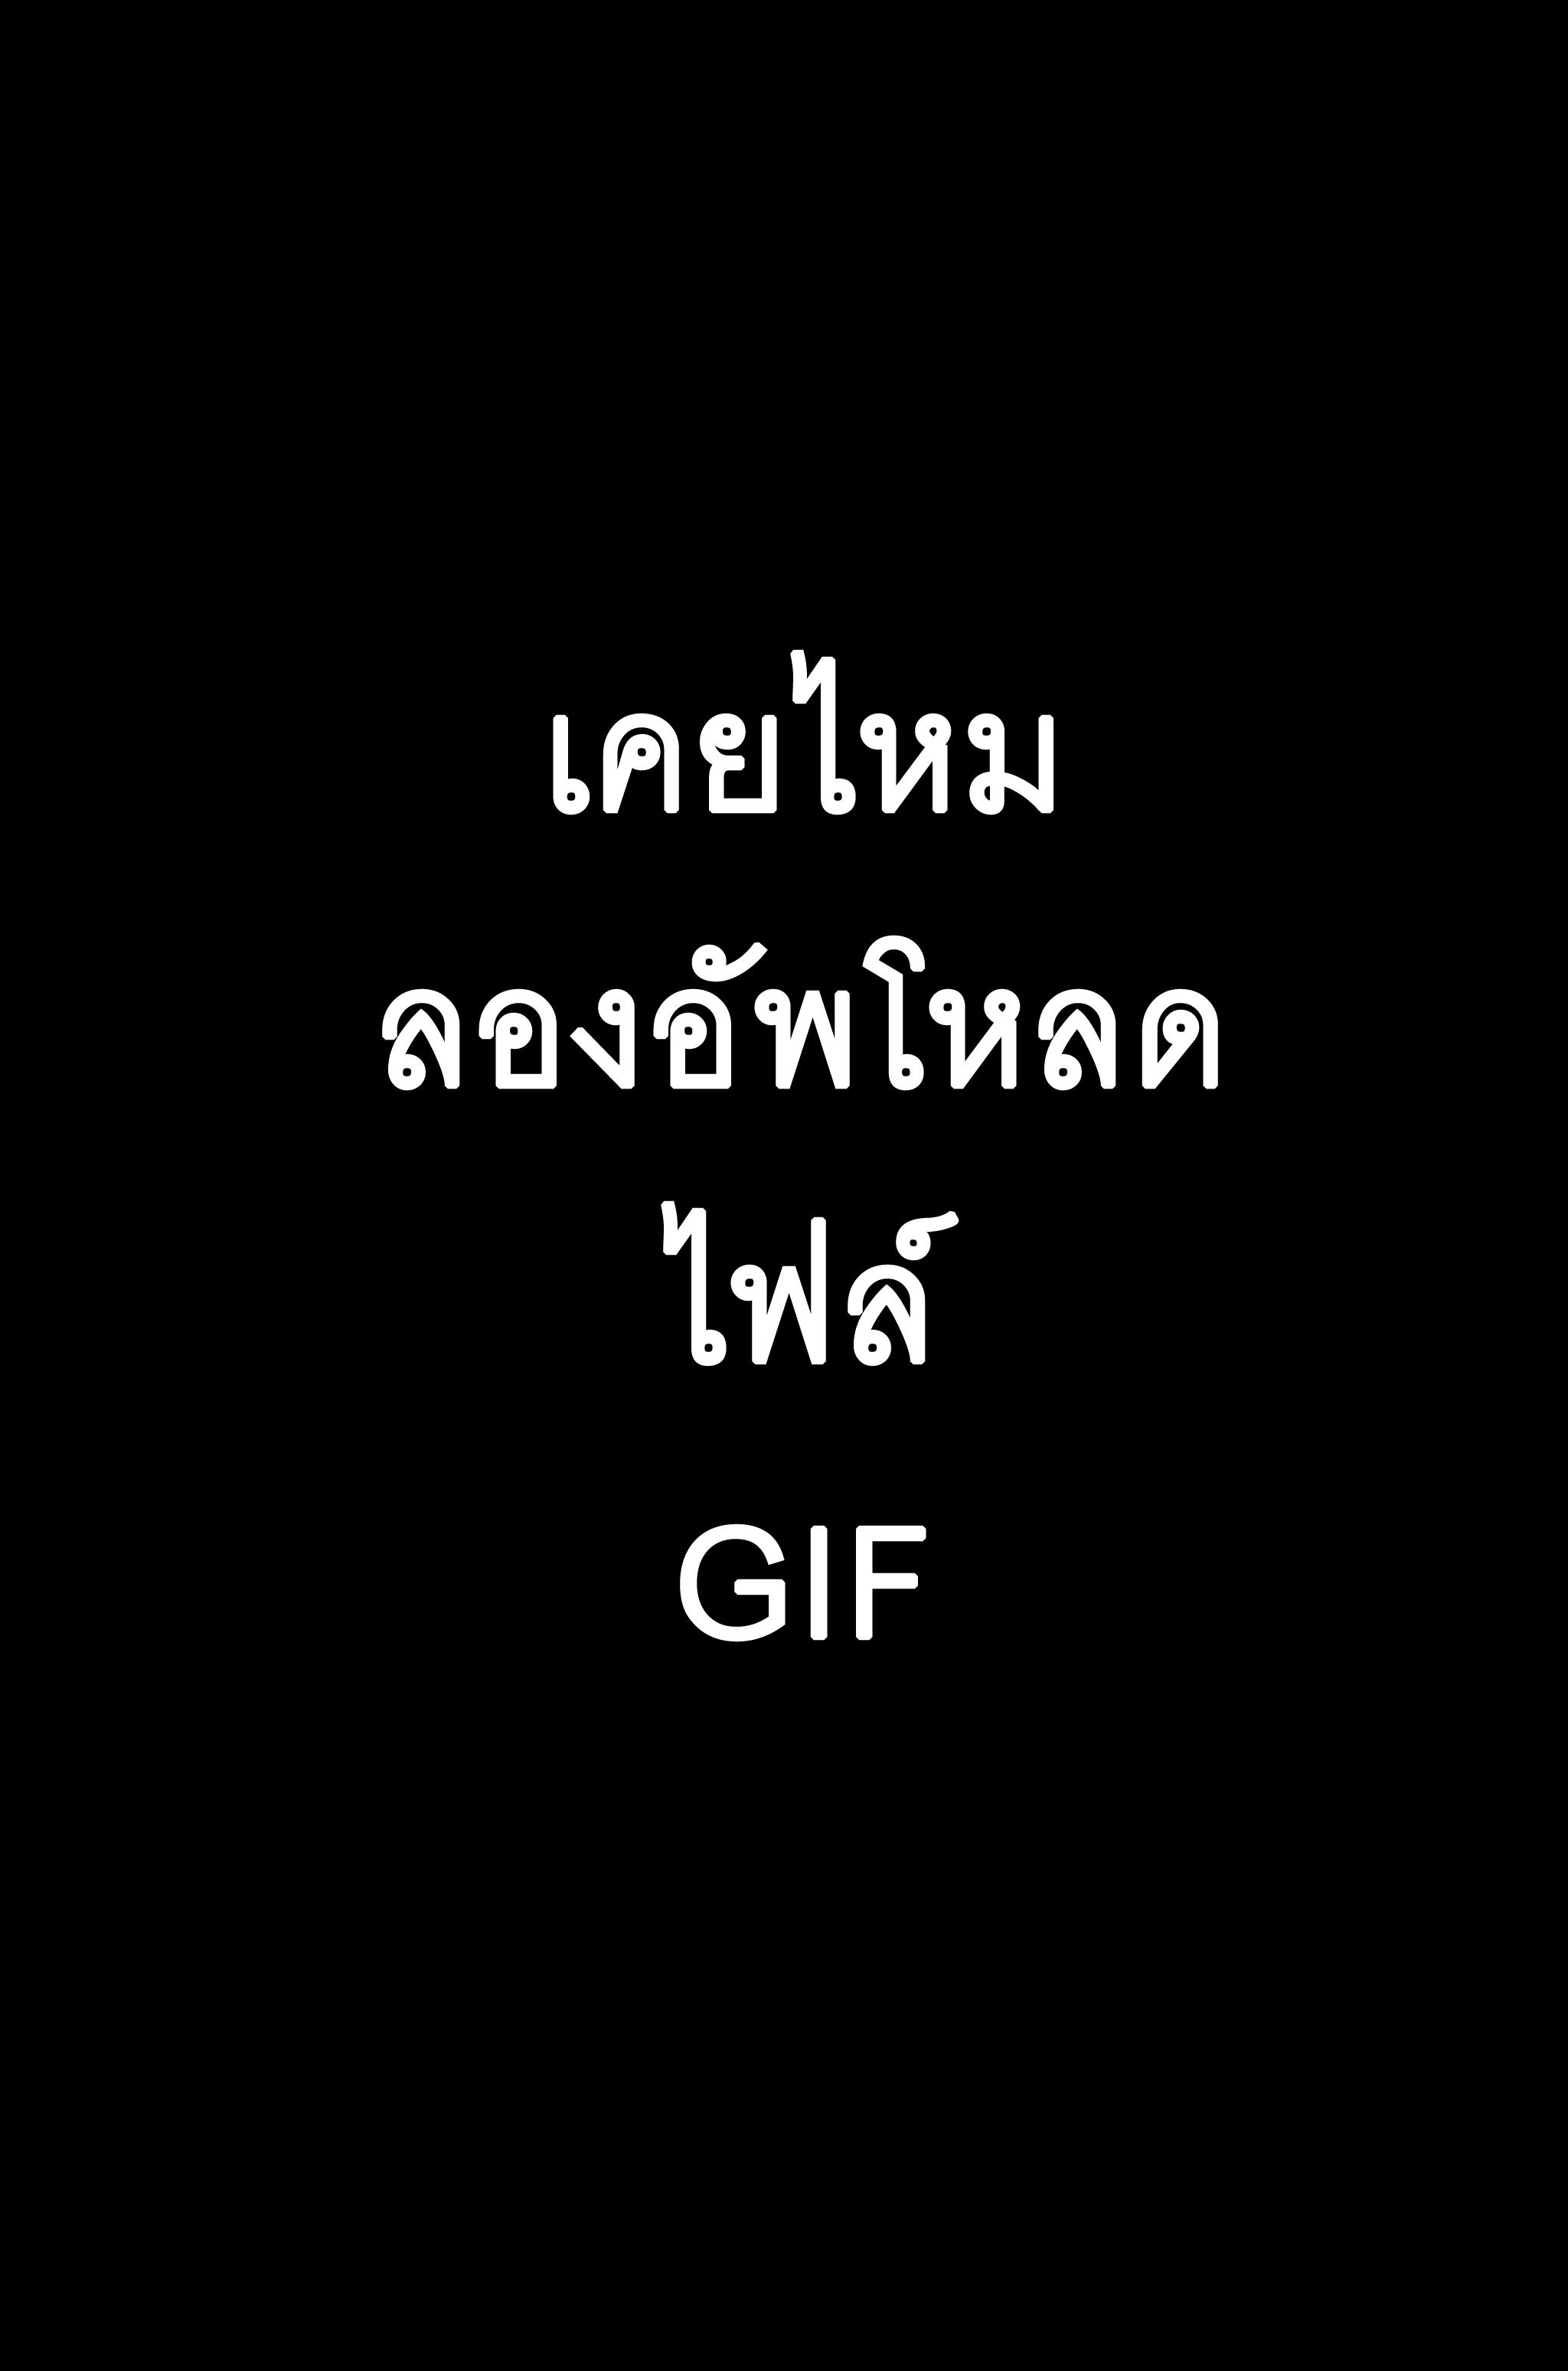 *ตอนพิเศษ* เคยไหม อัพโหลดไฟล์ GIF